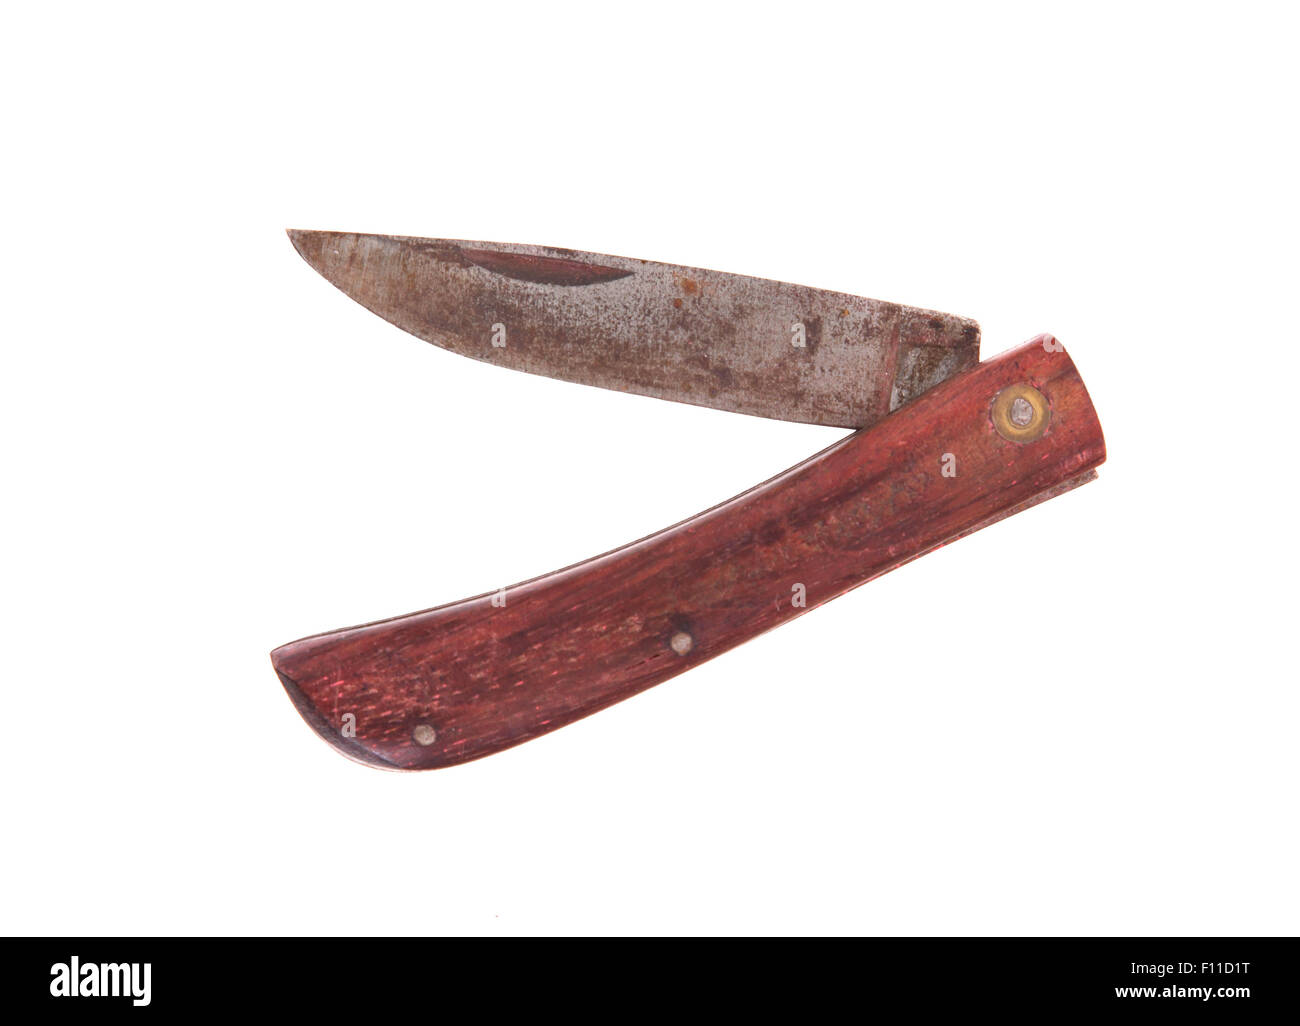 Rusty pocket knife isolated on white background Stock Photo